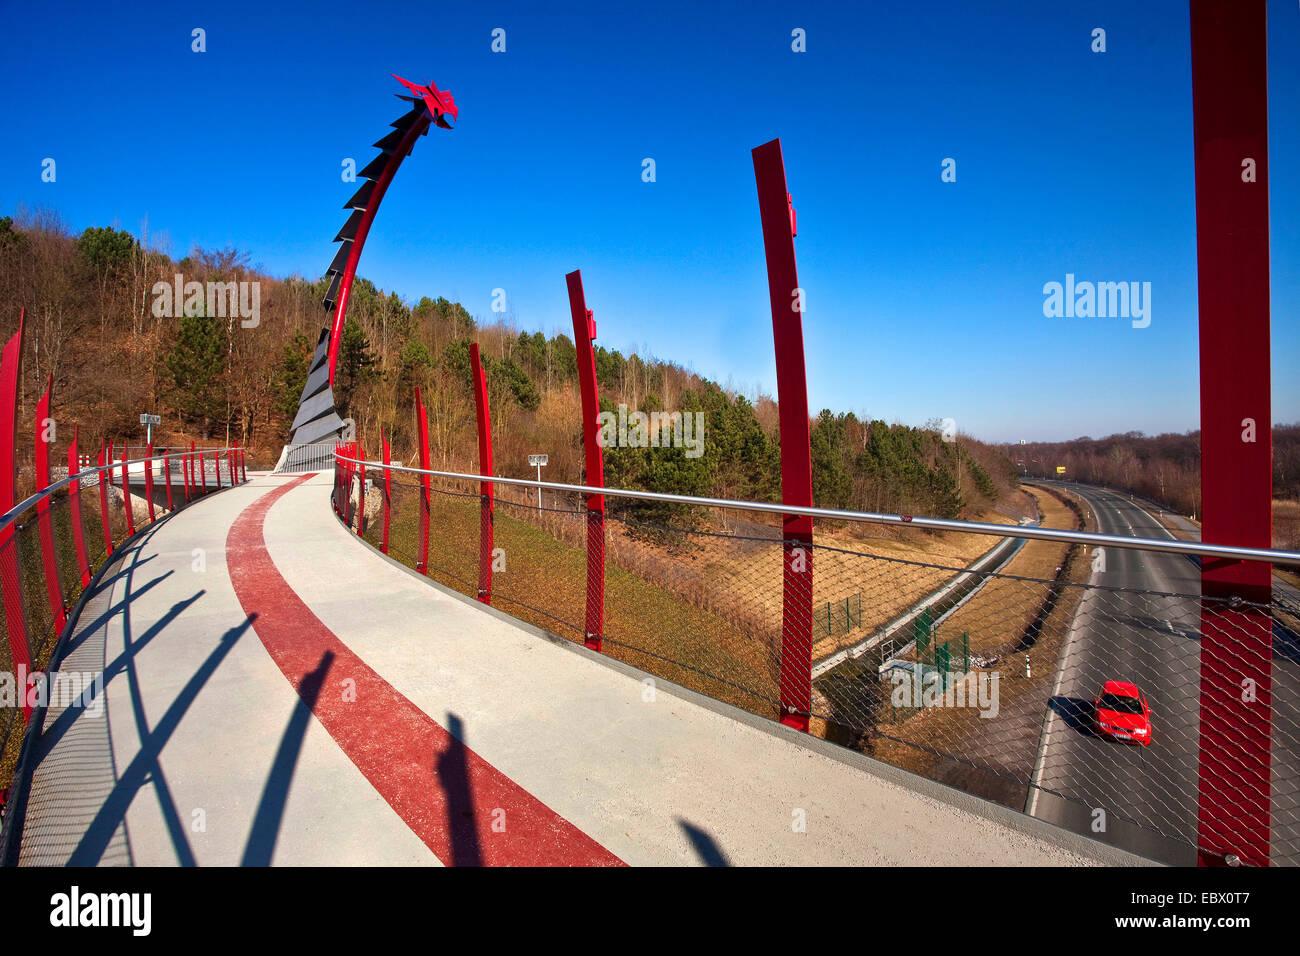 Drachenbrücke, Halde verderben Tipp, Recklinghausen, Ruhrgebiet, Nordrhein-Westfalen, Deutschland Stockbild